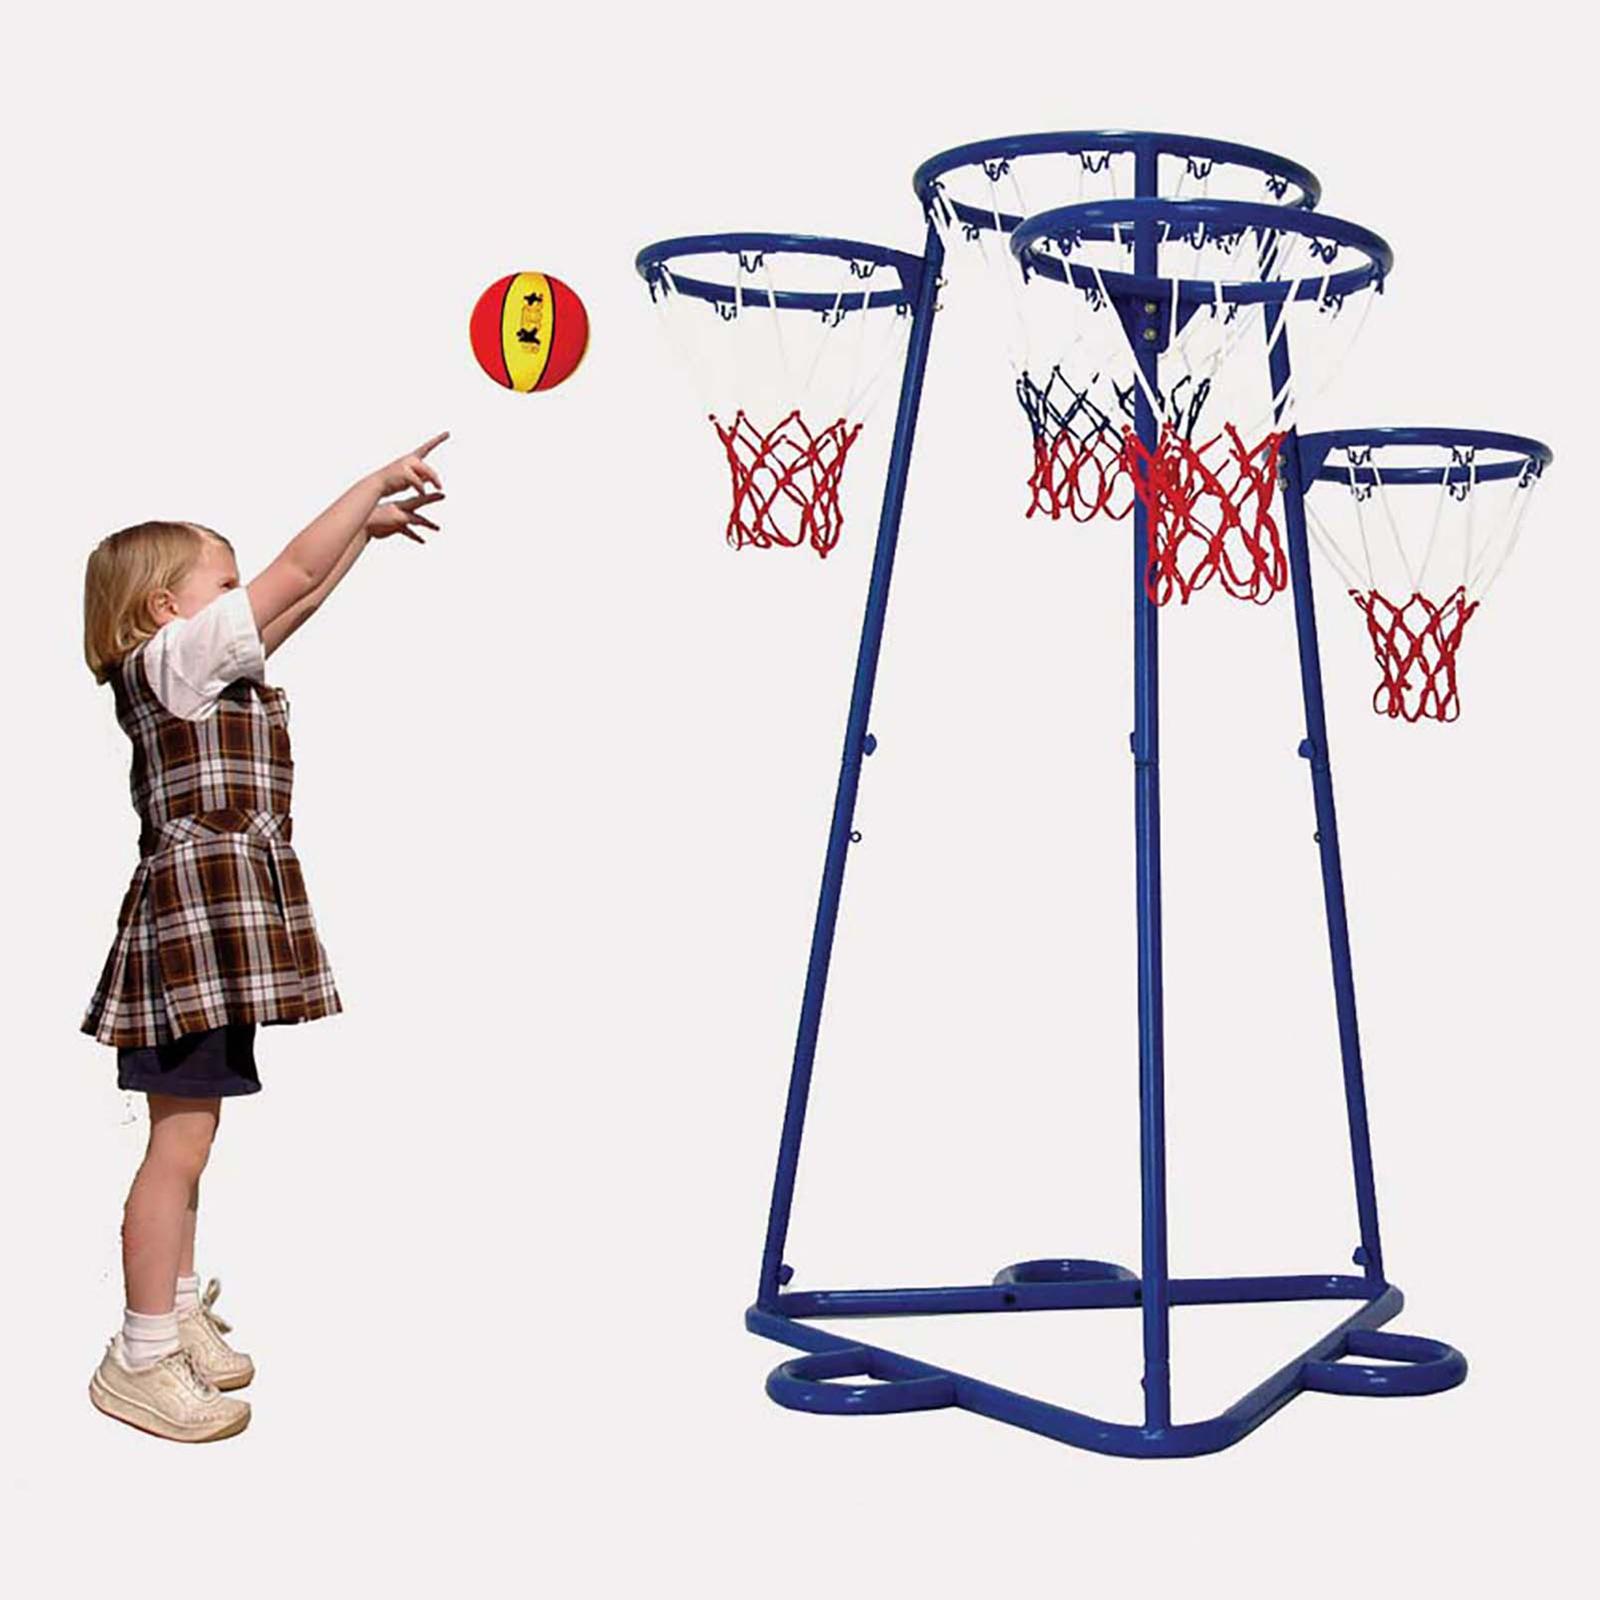 Four Hoop Basketball Net